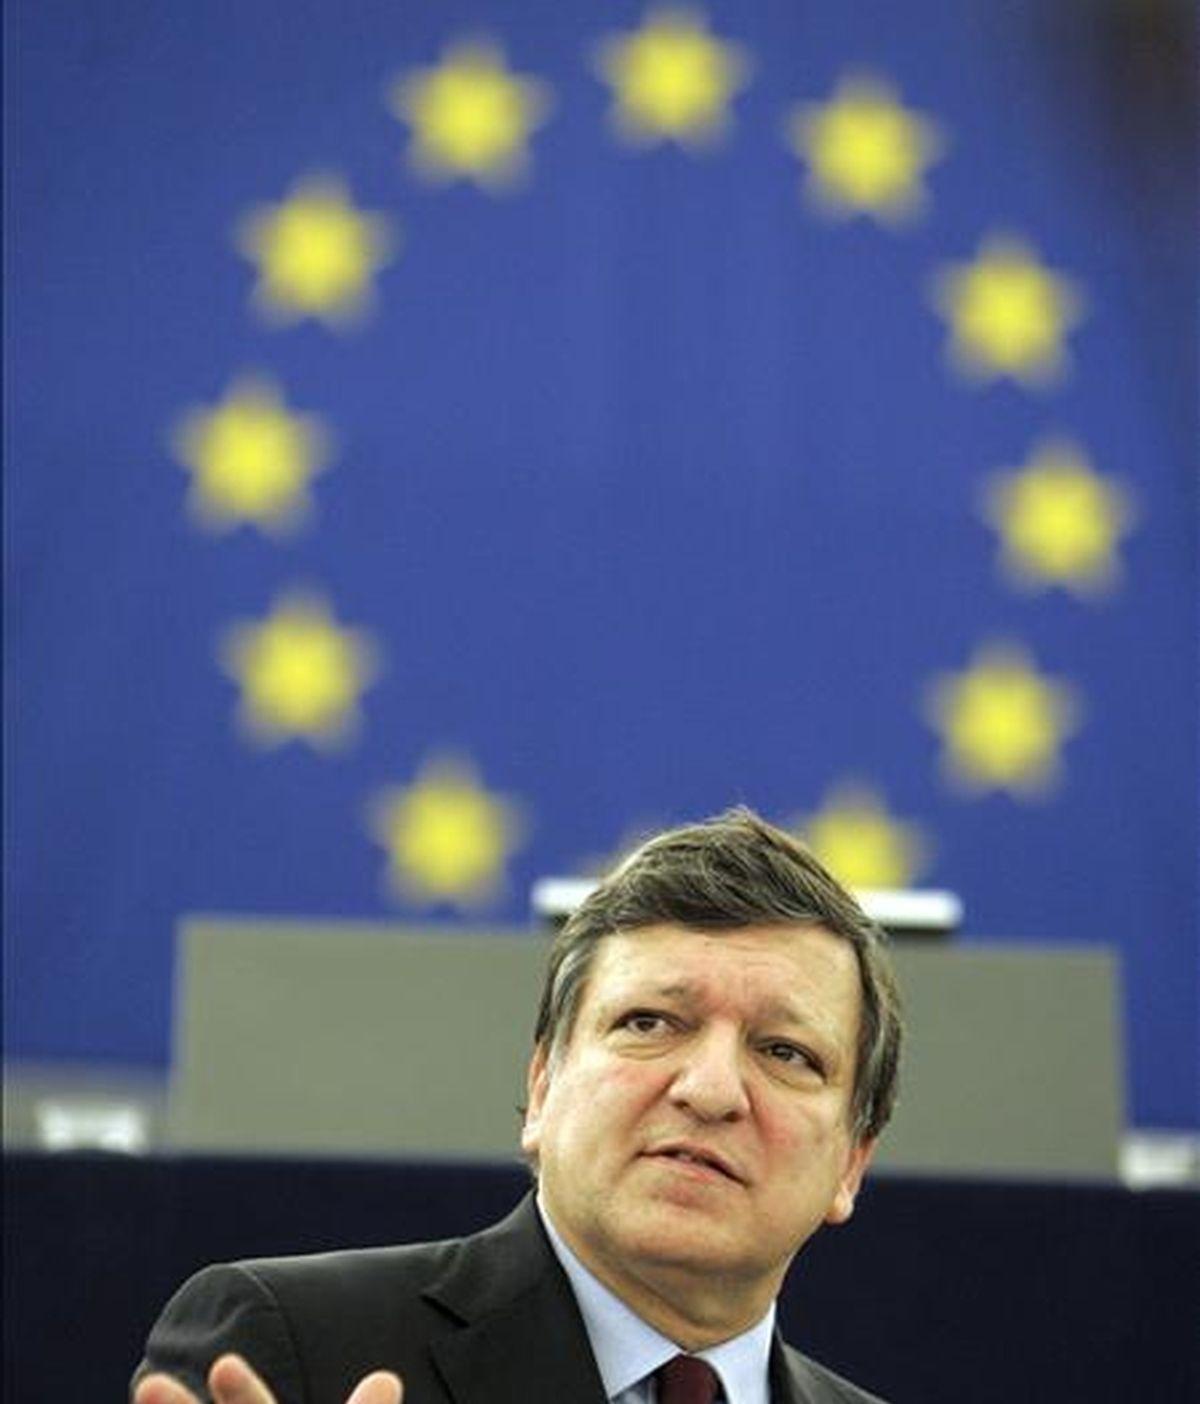 """El presidente de la Comisión Europea, José Manuel Durao Barroso, ha reiterado hoy su """"confianza"""" en España y Portugal para hacer frente al que ha calificado como """"difícil"""" y hasta """"doloroso"""" año para la eurozona a nivel económico. EFE/Archivo"""